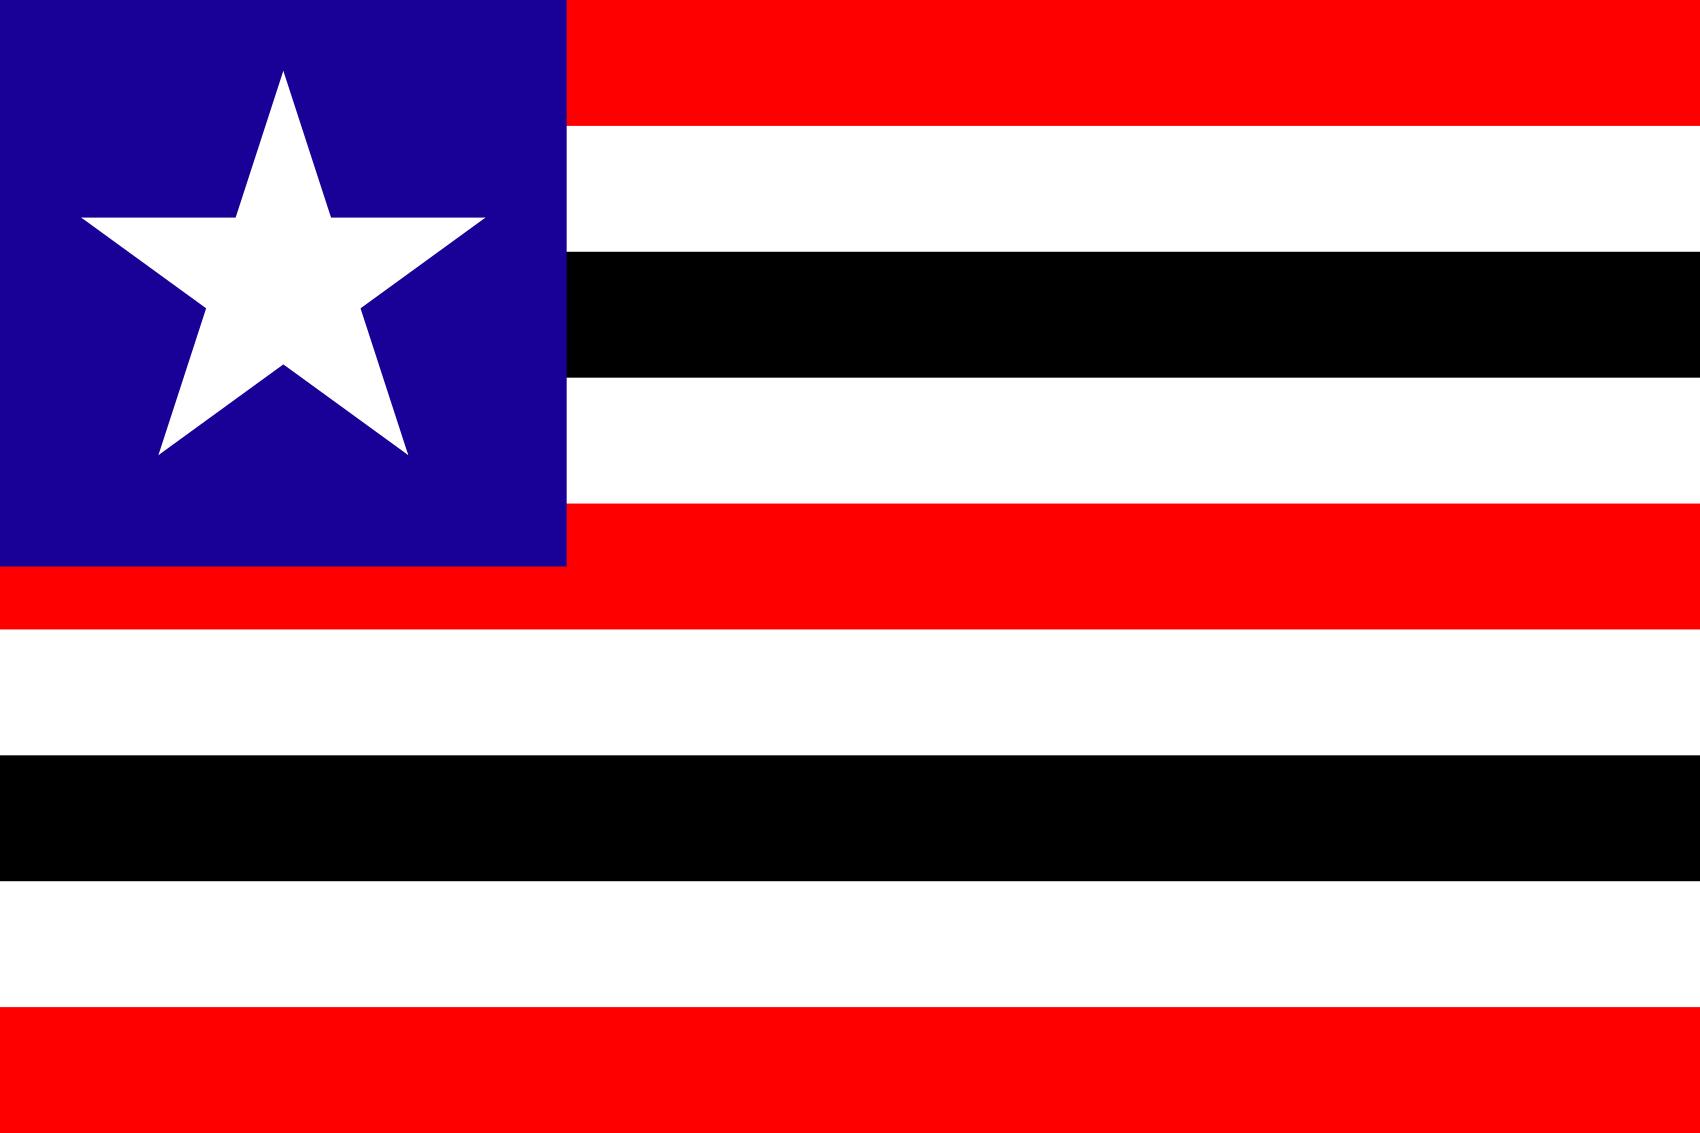 bandeira-do-maranhao-estado-2